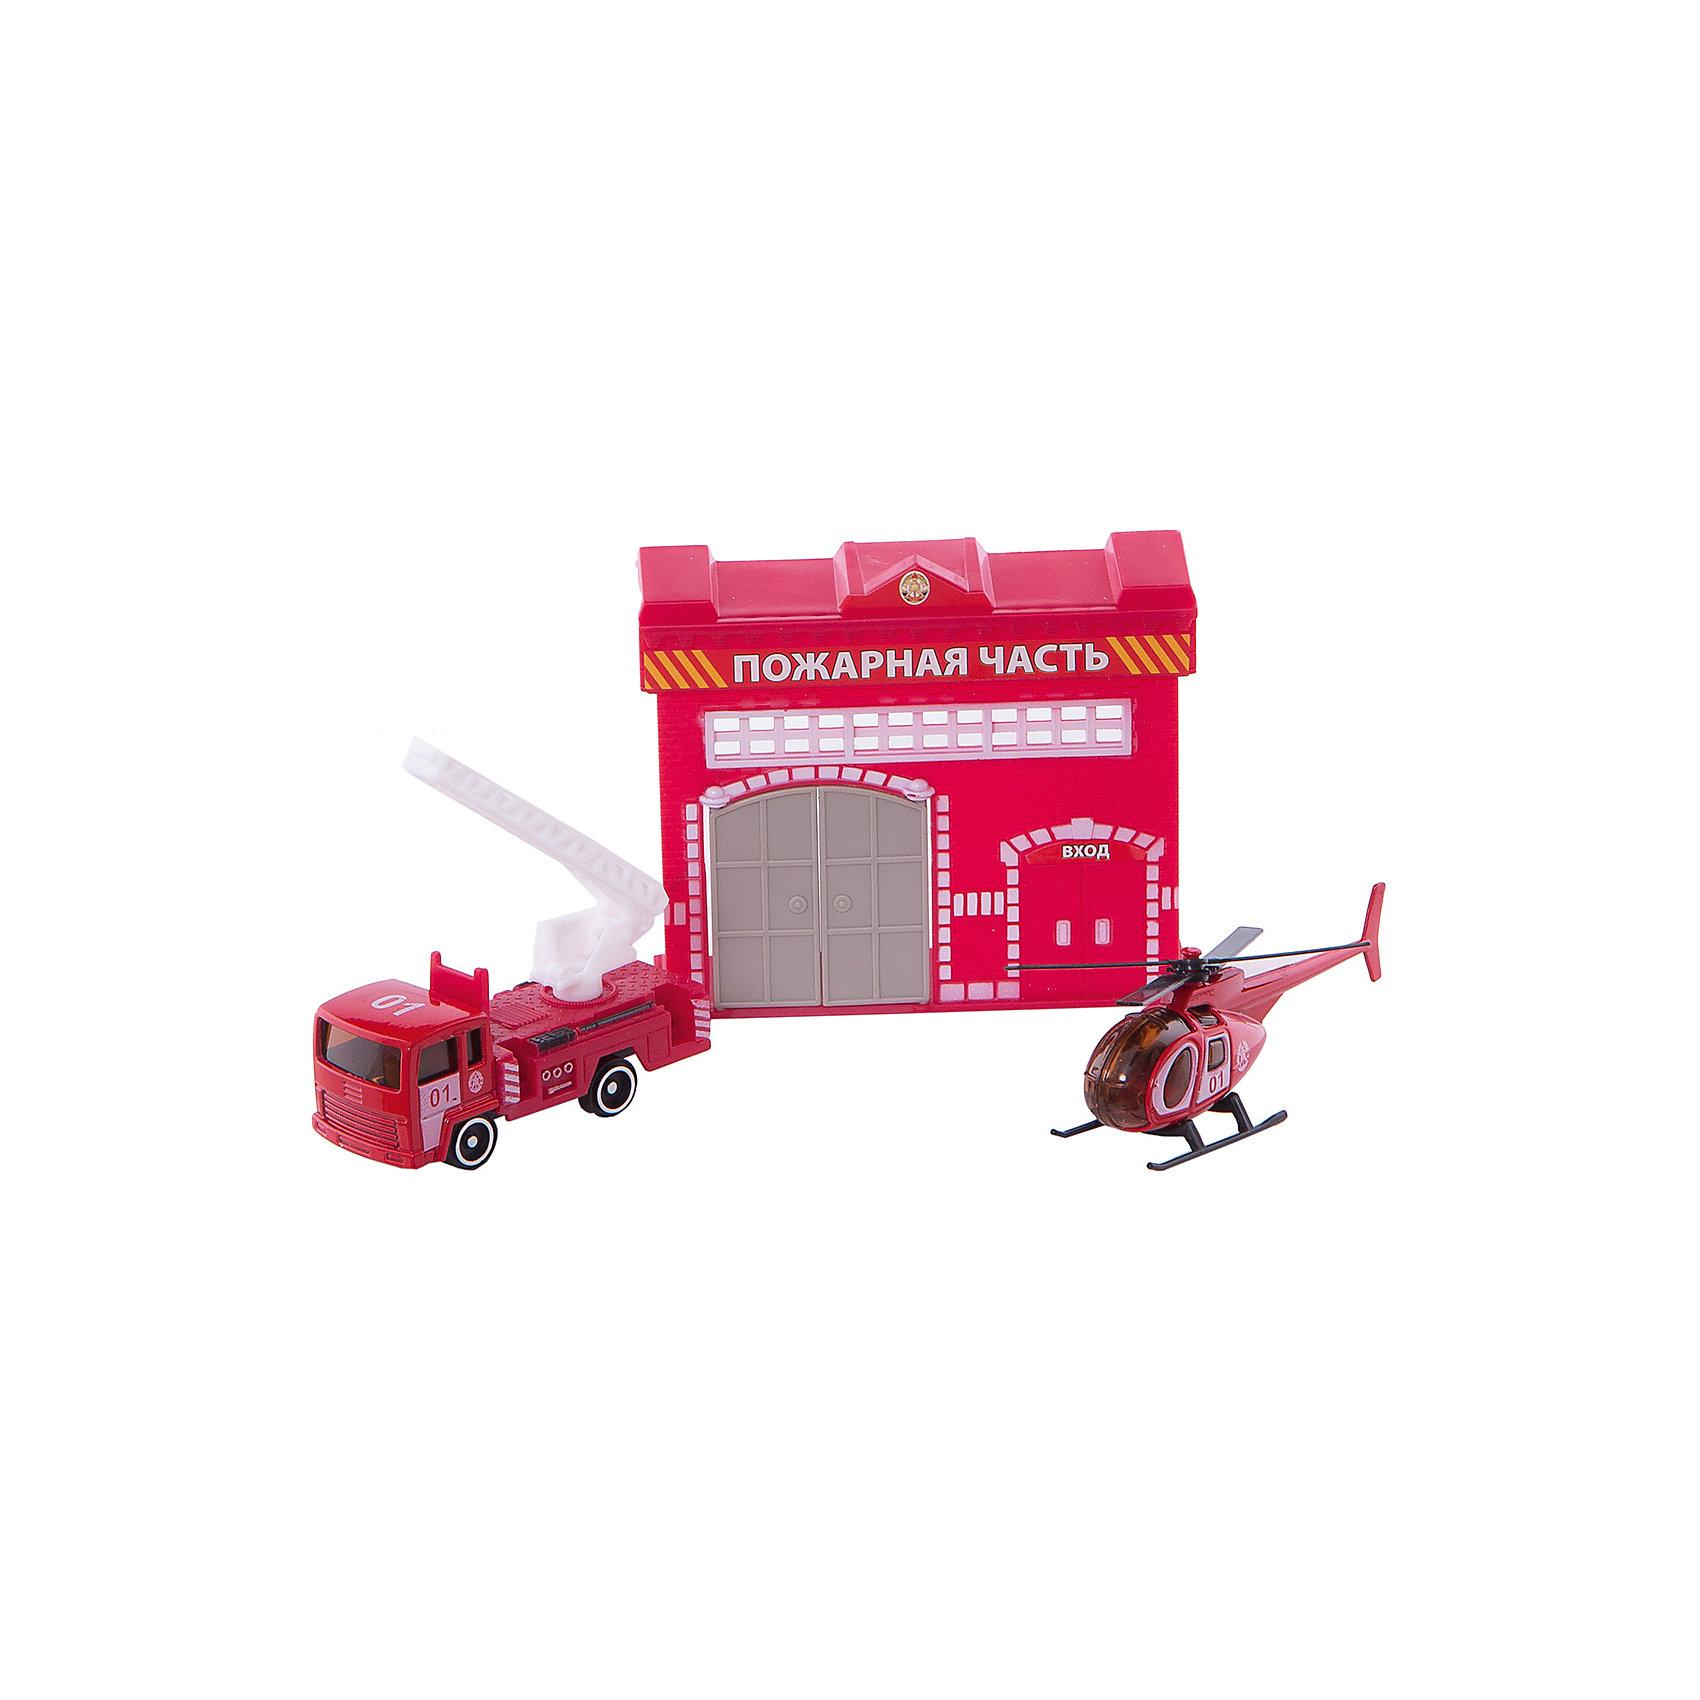 Набор Пожарная станция с машинкой 7,5см и вертолетом, ТЕХНОПАРКМашинки<br>Характеристики набора Пожарная станция с машинкой 7,5см и вертолетом:<br><br>- возраст: от 3 лет<br>- пол: для мальчиков<br>- цвет: красный.<br>- комплект: 1 пожарная часть, 1 пожарный вертолёт, 1 пожарная машина.<br>- материал: пластик, металл.<br>- размер упаковки: 3 * 24 * 21 см.<br>- упаковка: картонная коробка блистерного типа.<br>- страна обладатель бренда: Россия.<br>- бренд: Технопарк<br><br>Игровой набор Пожарная станция от торговой компании Технопарк состоит из 3 игрушек: машинки, вертолета и маленького домика. С этим комплектом ребенок сможет играть в пожарного, который борется с опасной стихией. С помощью вертолета можно увидеть воображаемый пожар, а на служебной машинке быстро добраться до места возгорания. После хорошо сделанной работы игрушечные пожарные могут отдохнуть в своей части.<br><br>Набор Пожарная станция с машинкой 7,5см и вертолетом торговой марки  Технопарк  можно купить в нашем интернет-магазине.<br><br>Ширина мм: 30<br>Глубина мм: 210<br>Высота мм: 240<br>Вес г: 190<br>Возраст от месяцев: 60<br>Возраст до месяцев: 9<br>Пол: Мужской<br>Возраст: Детский<br>SKU: 4950433